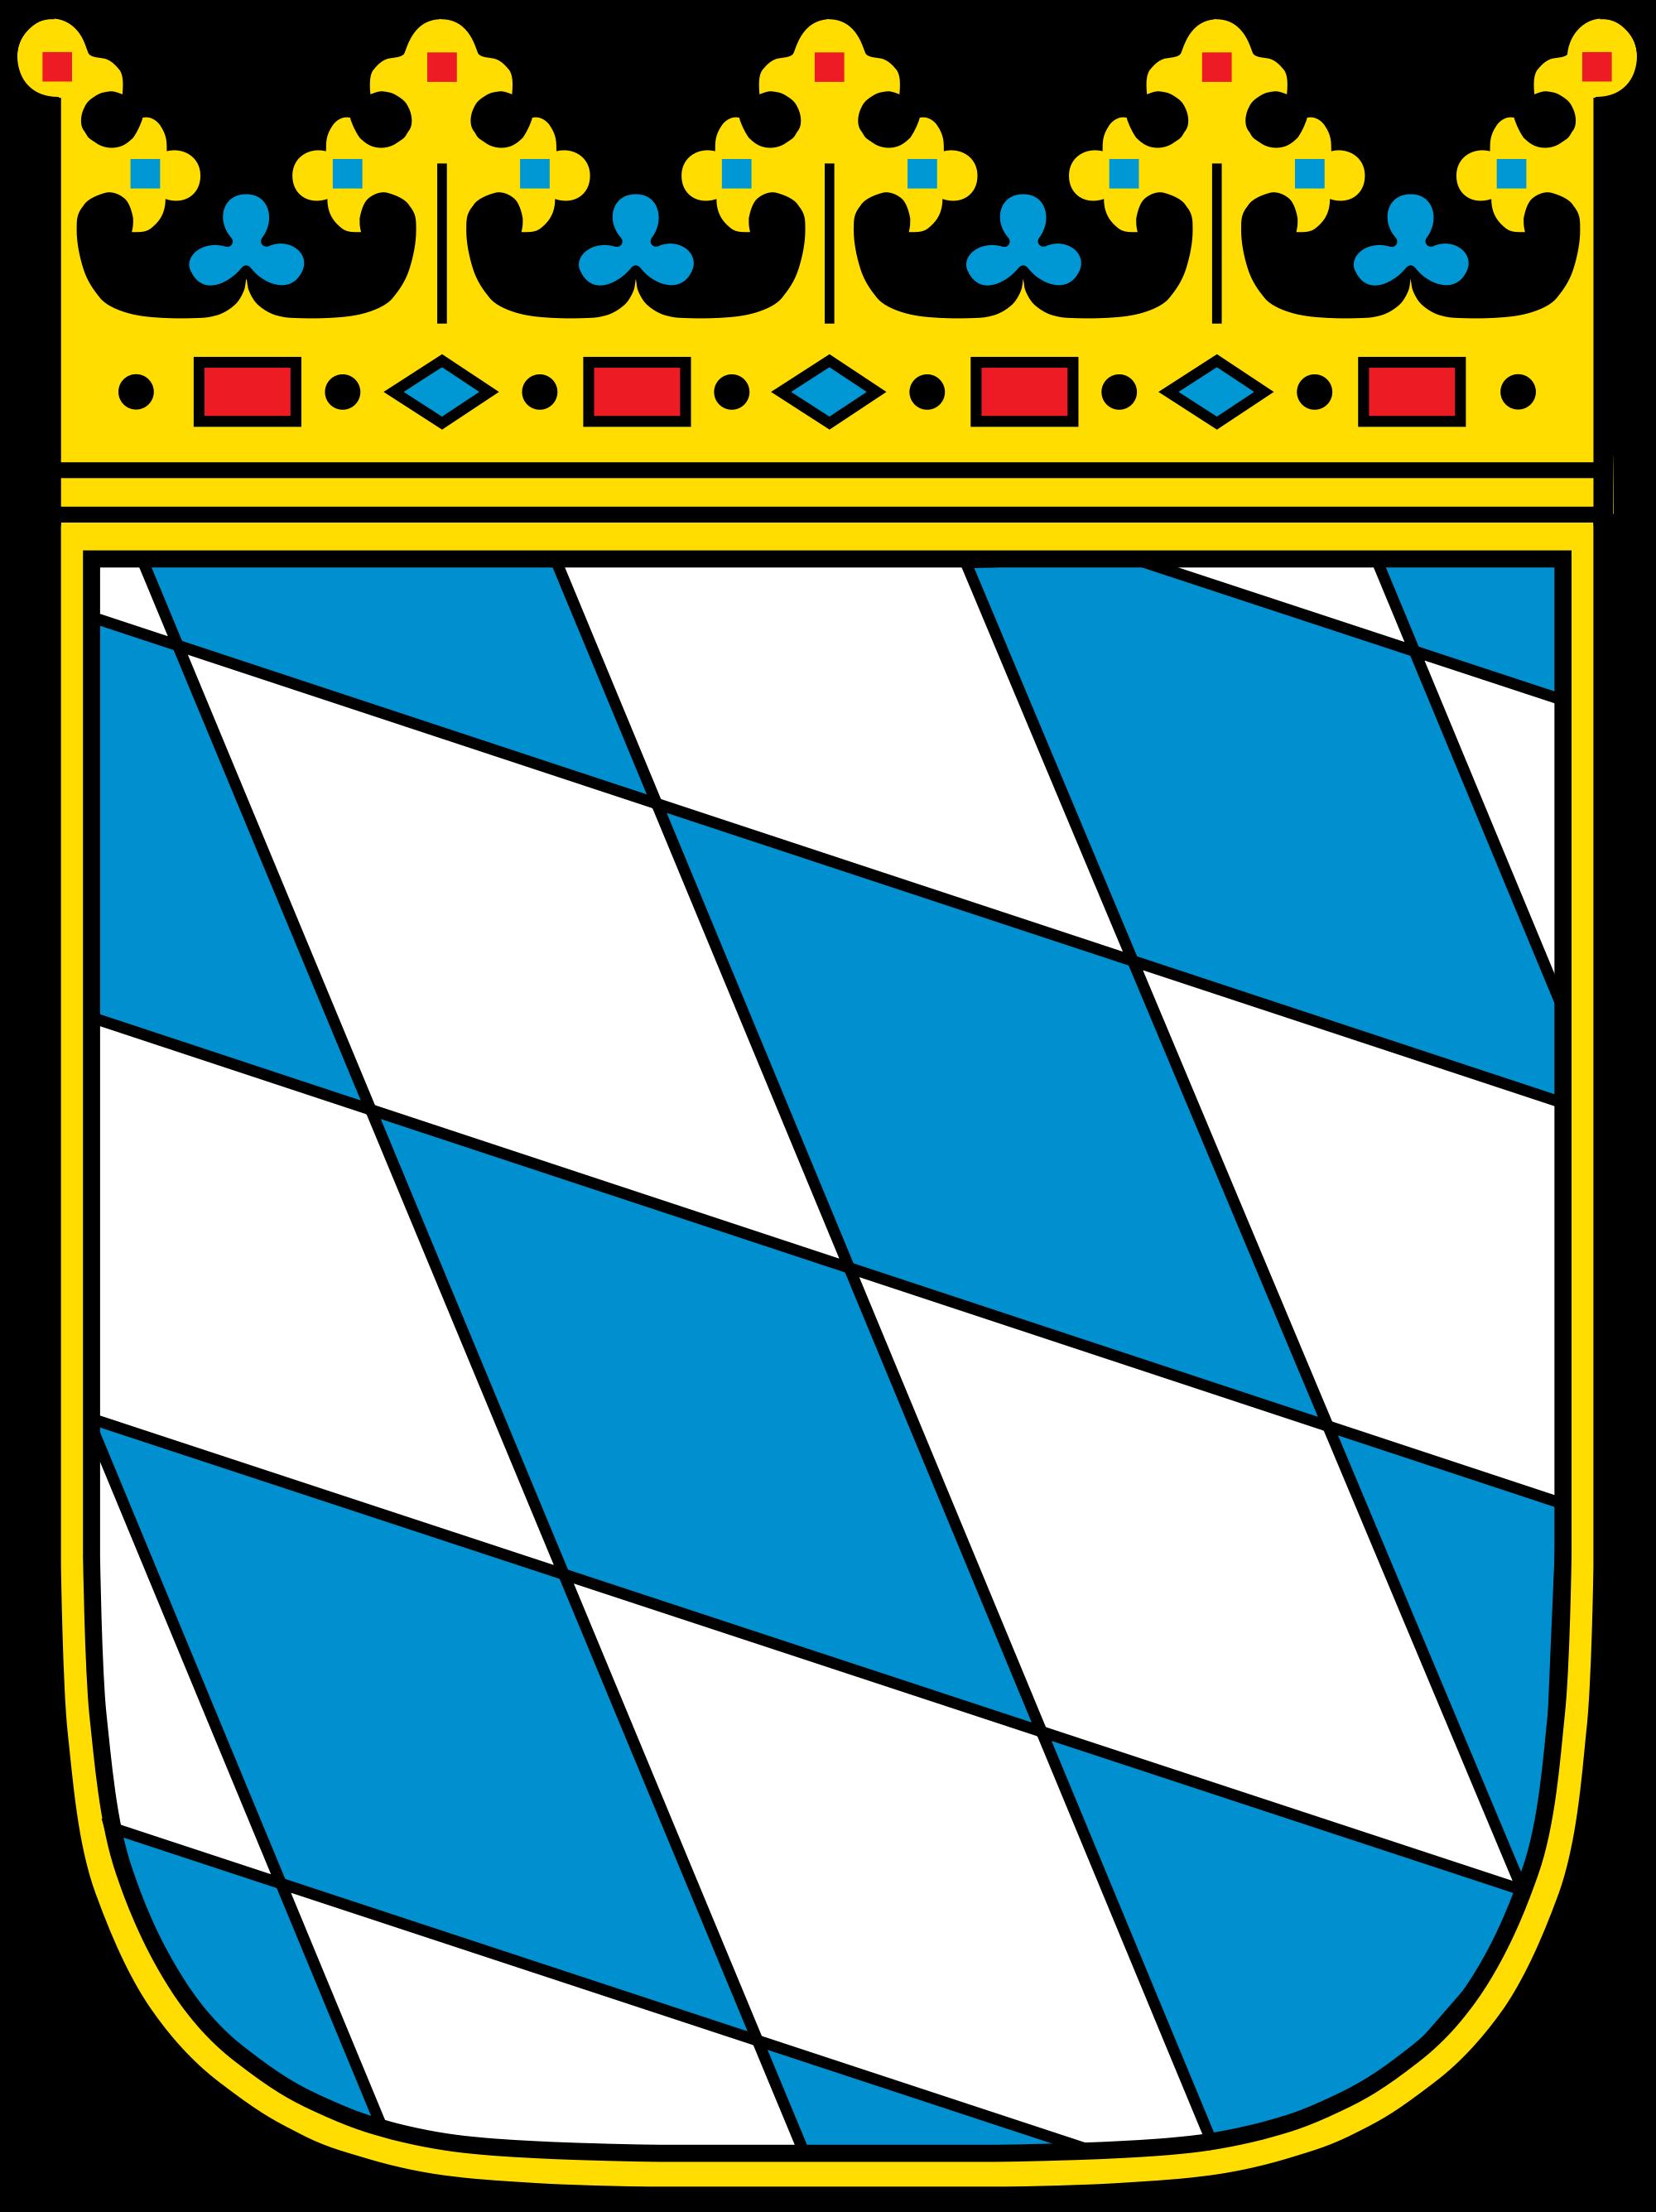 Wappen des Bundeslandes